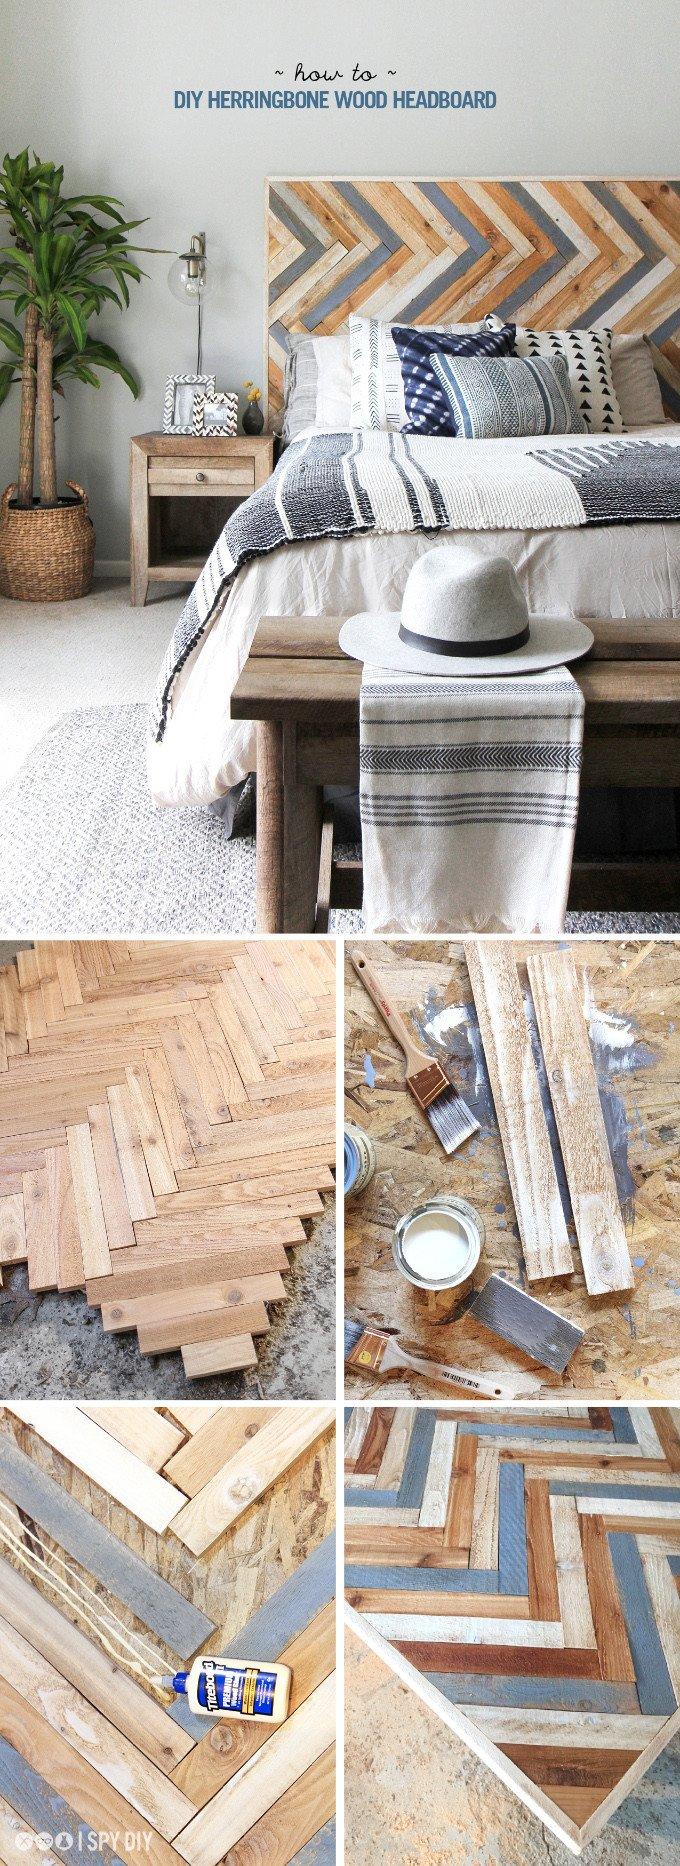 multitone wood herringbone headboard diy plan